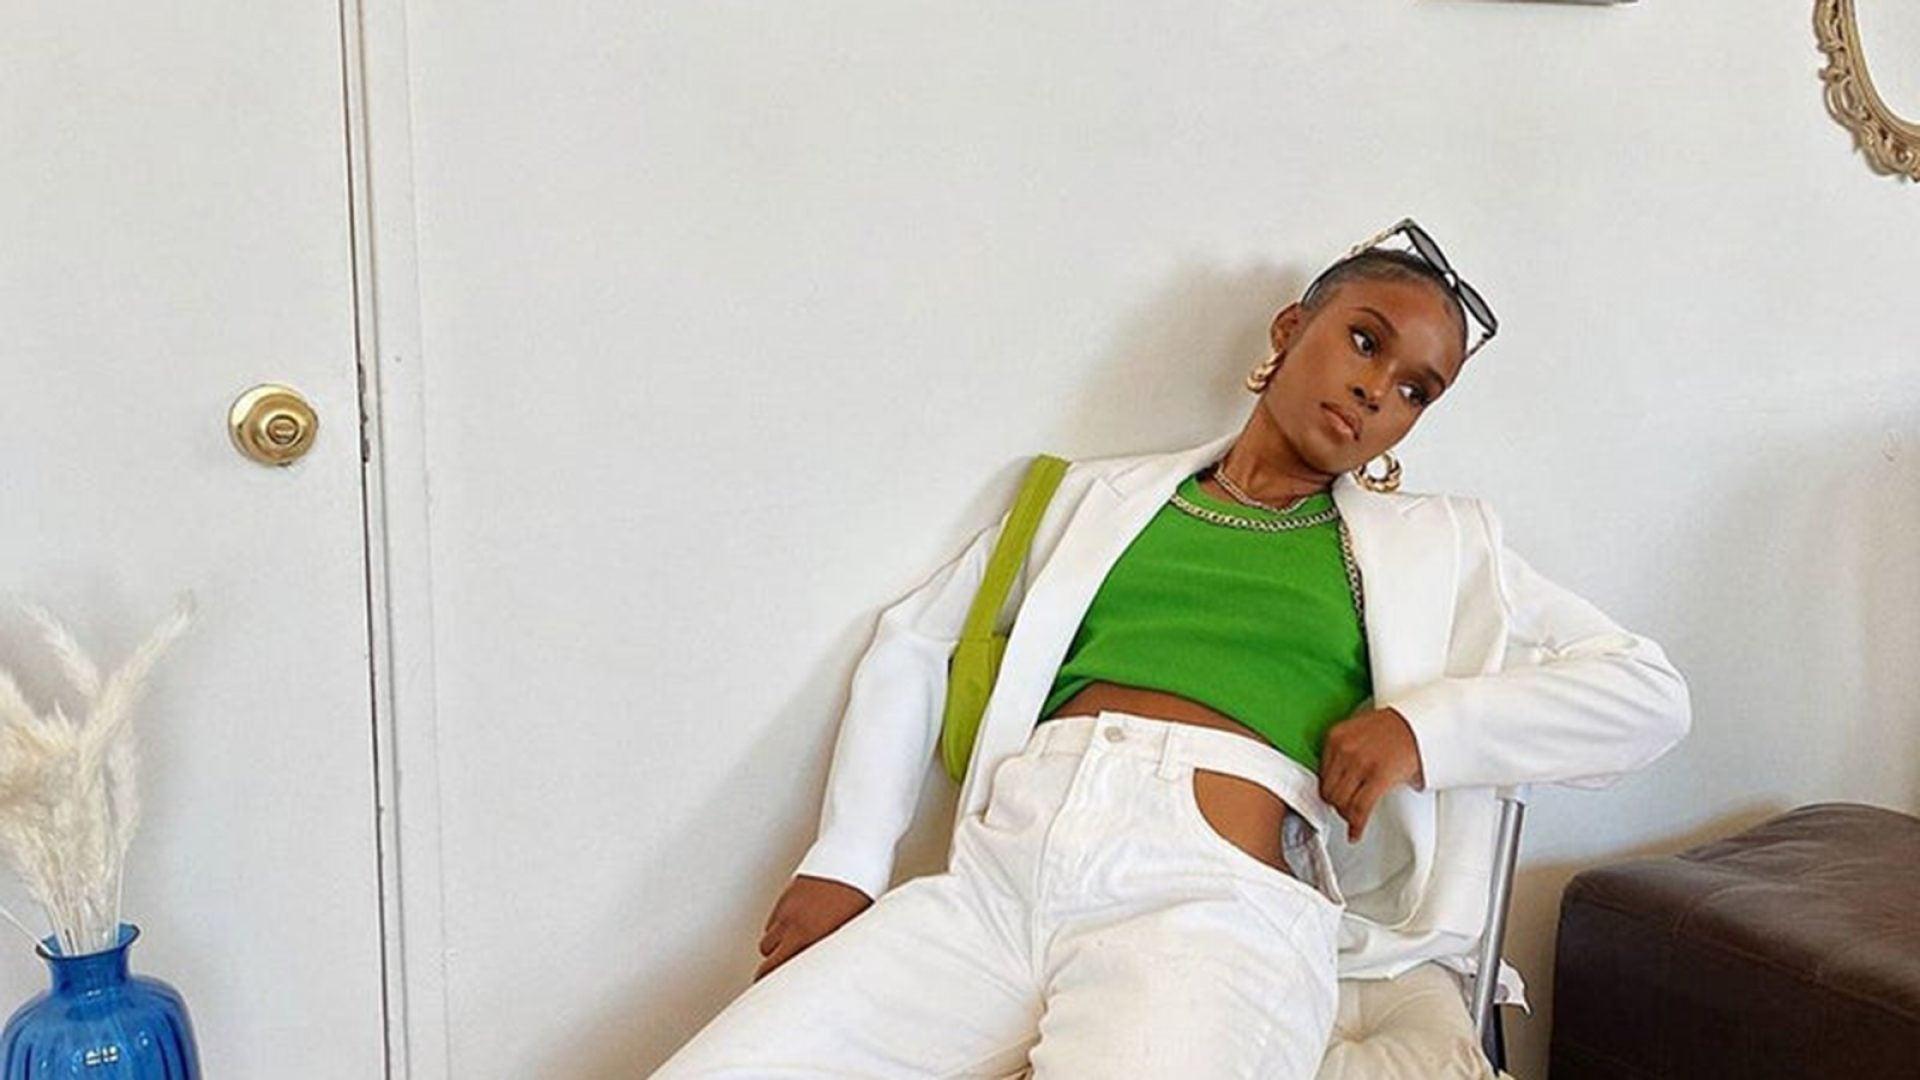 30 Black Fashionistas To Follow On Instagram